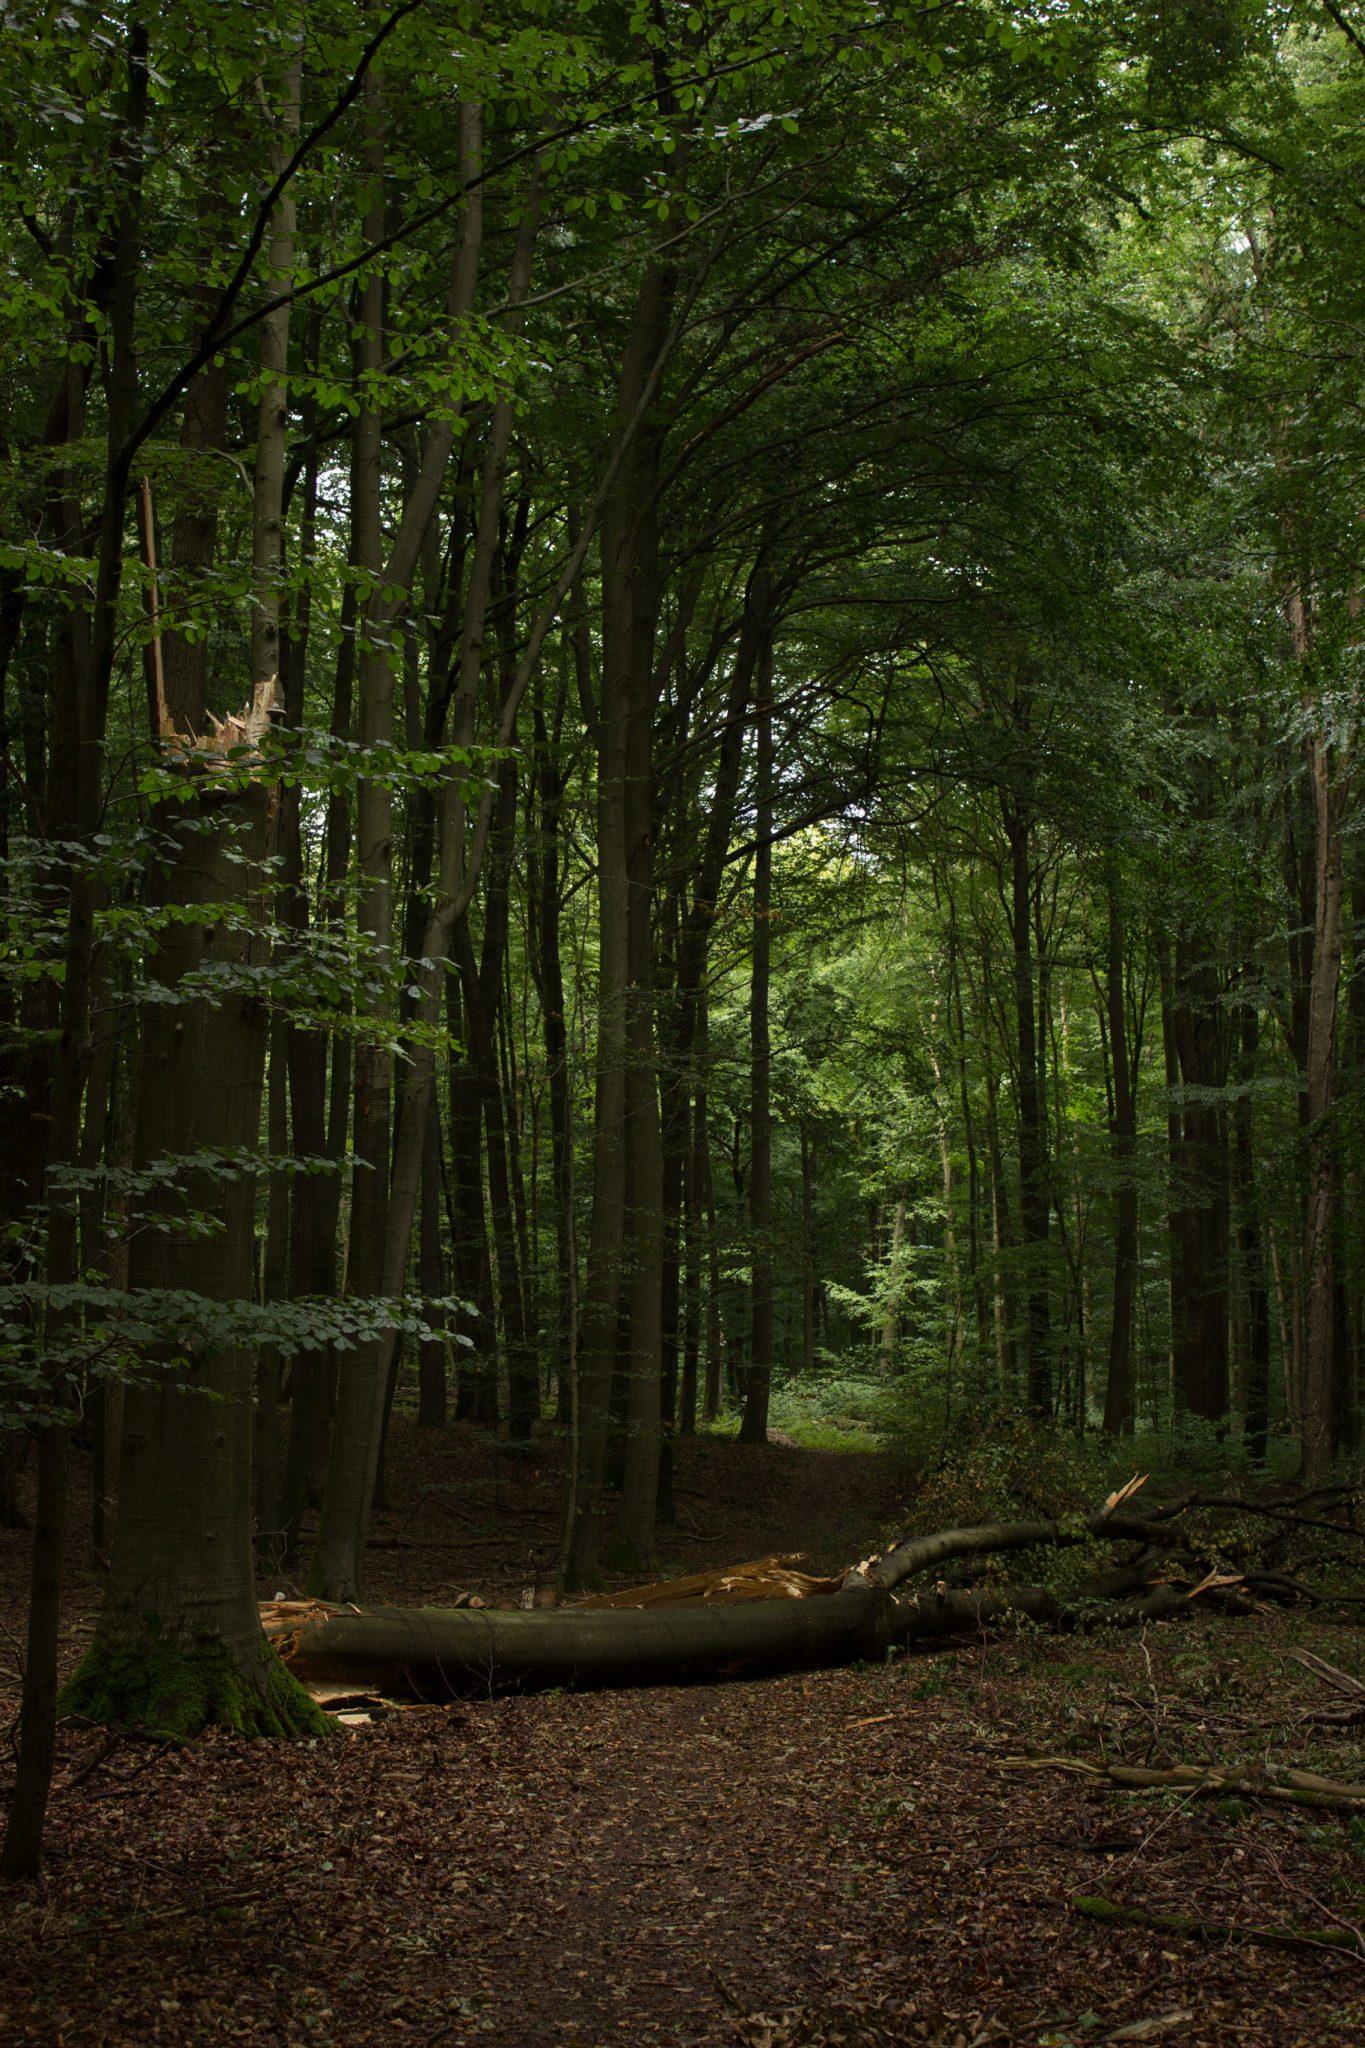 Nationalpark Hainich Saugrabenweg und Betteleichenweg wandern, dichter, ursprünglicher Buchenwald, tolle Atmosphäre, umgestürzter Baum wird liegen gelassen